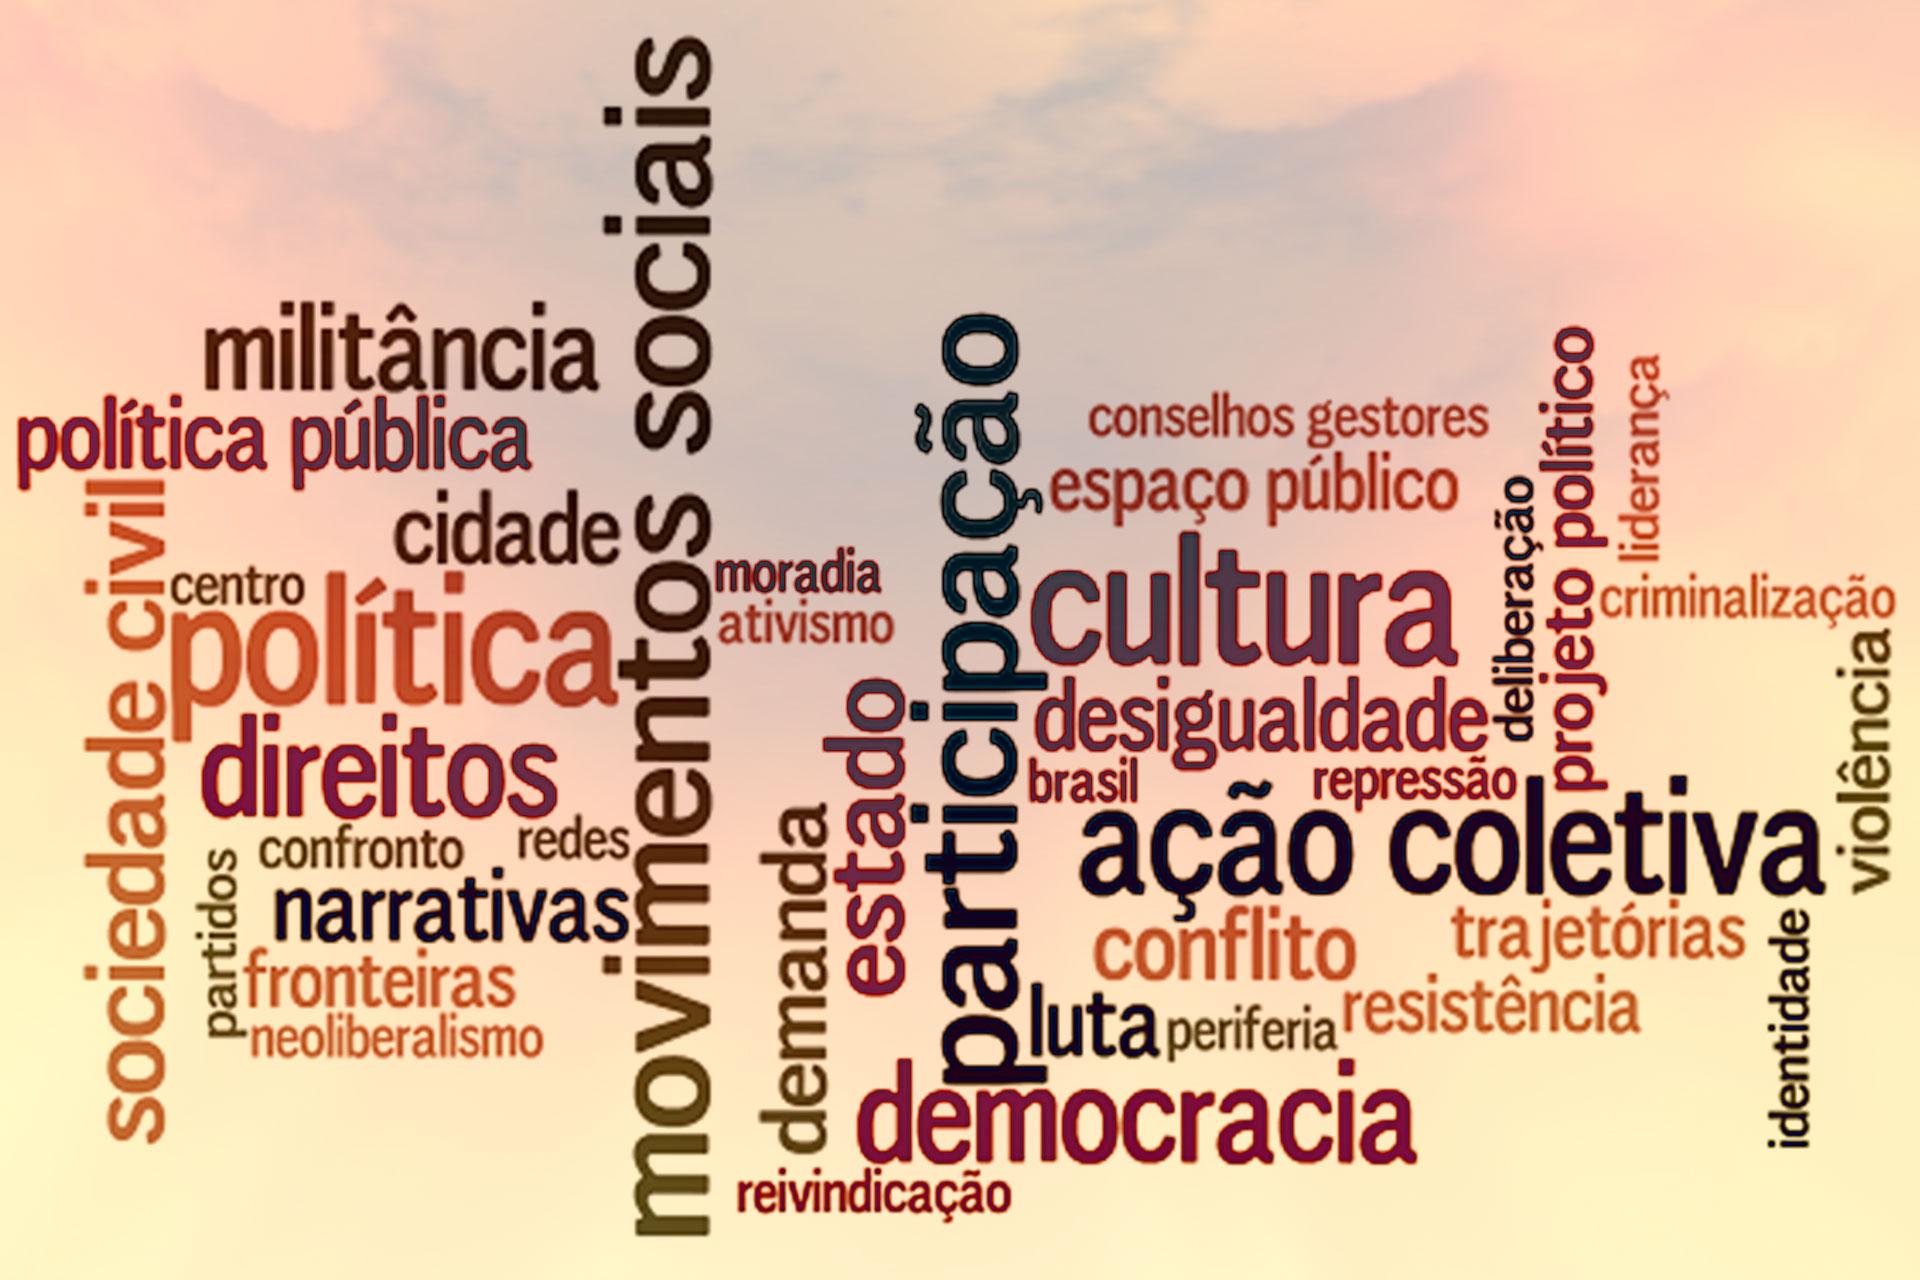 11 de março será lançado o Coletivo por um Ministério Público Transformador, no Rio de Janeiro